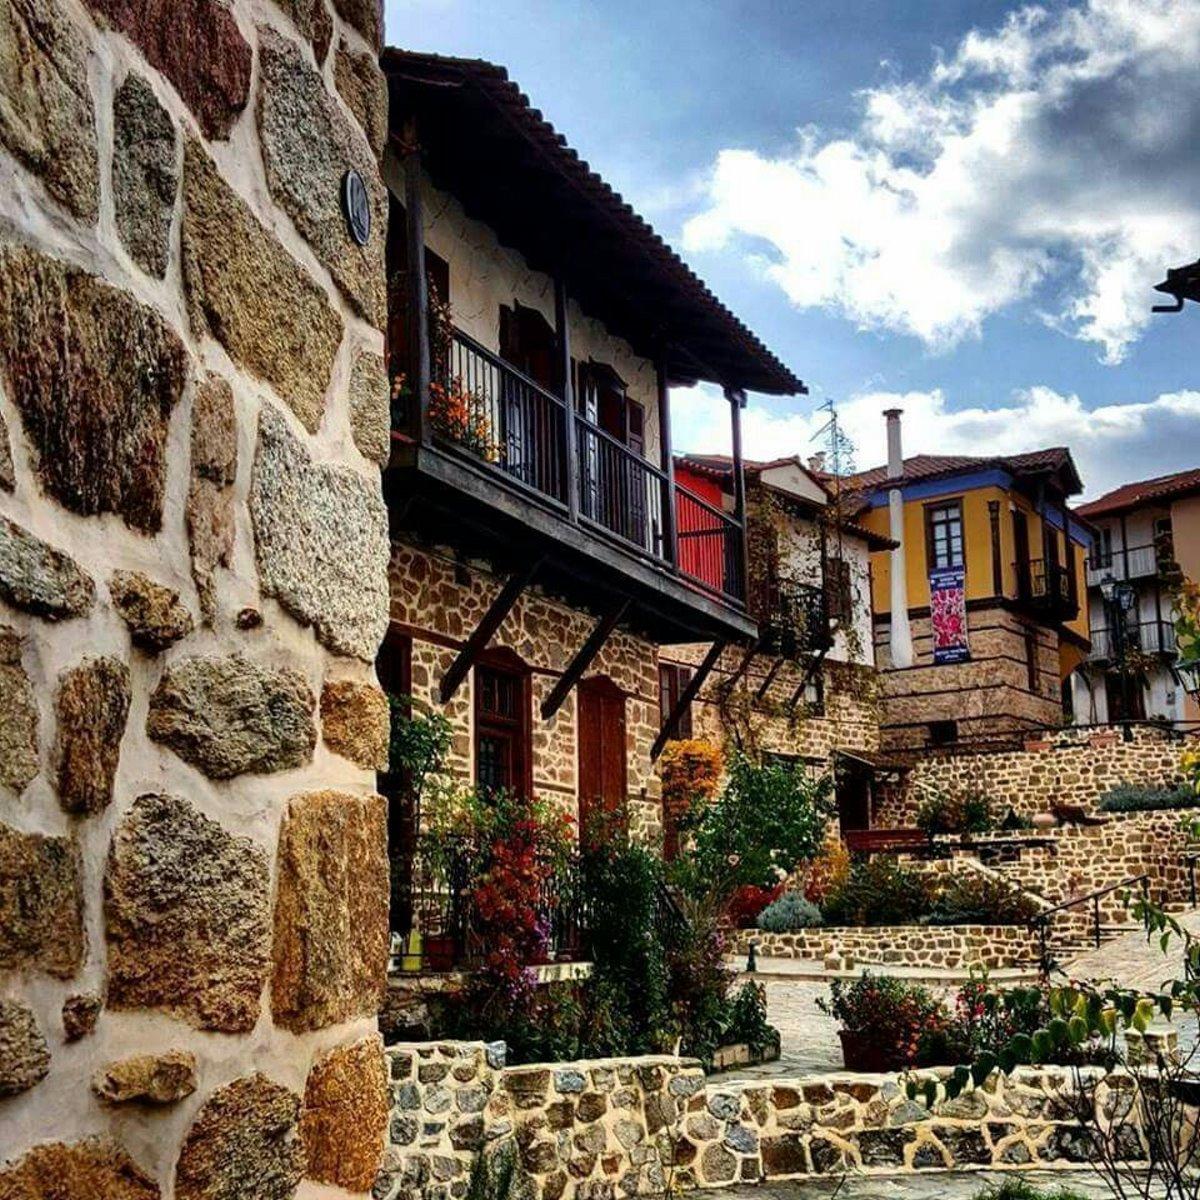 ομορφότερα χωριά αρναία χαλκιδική